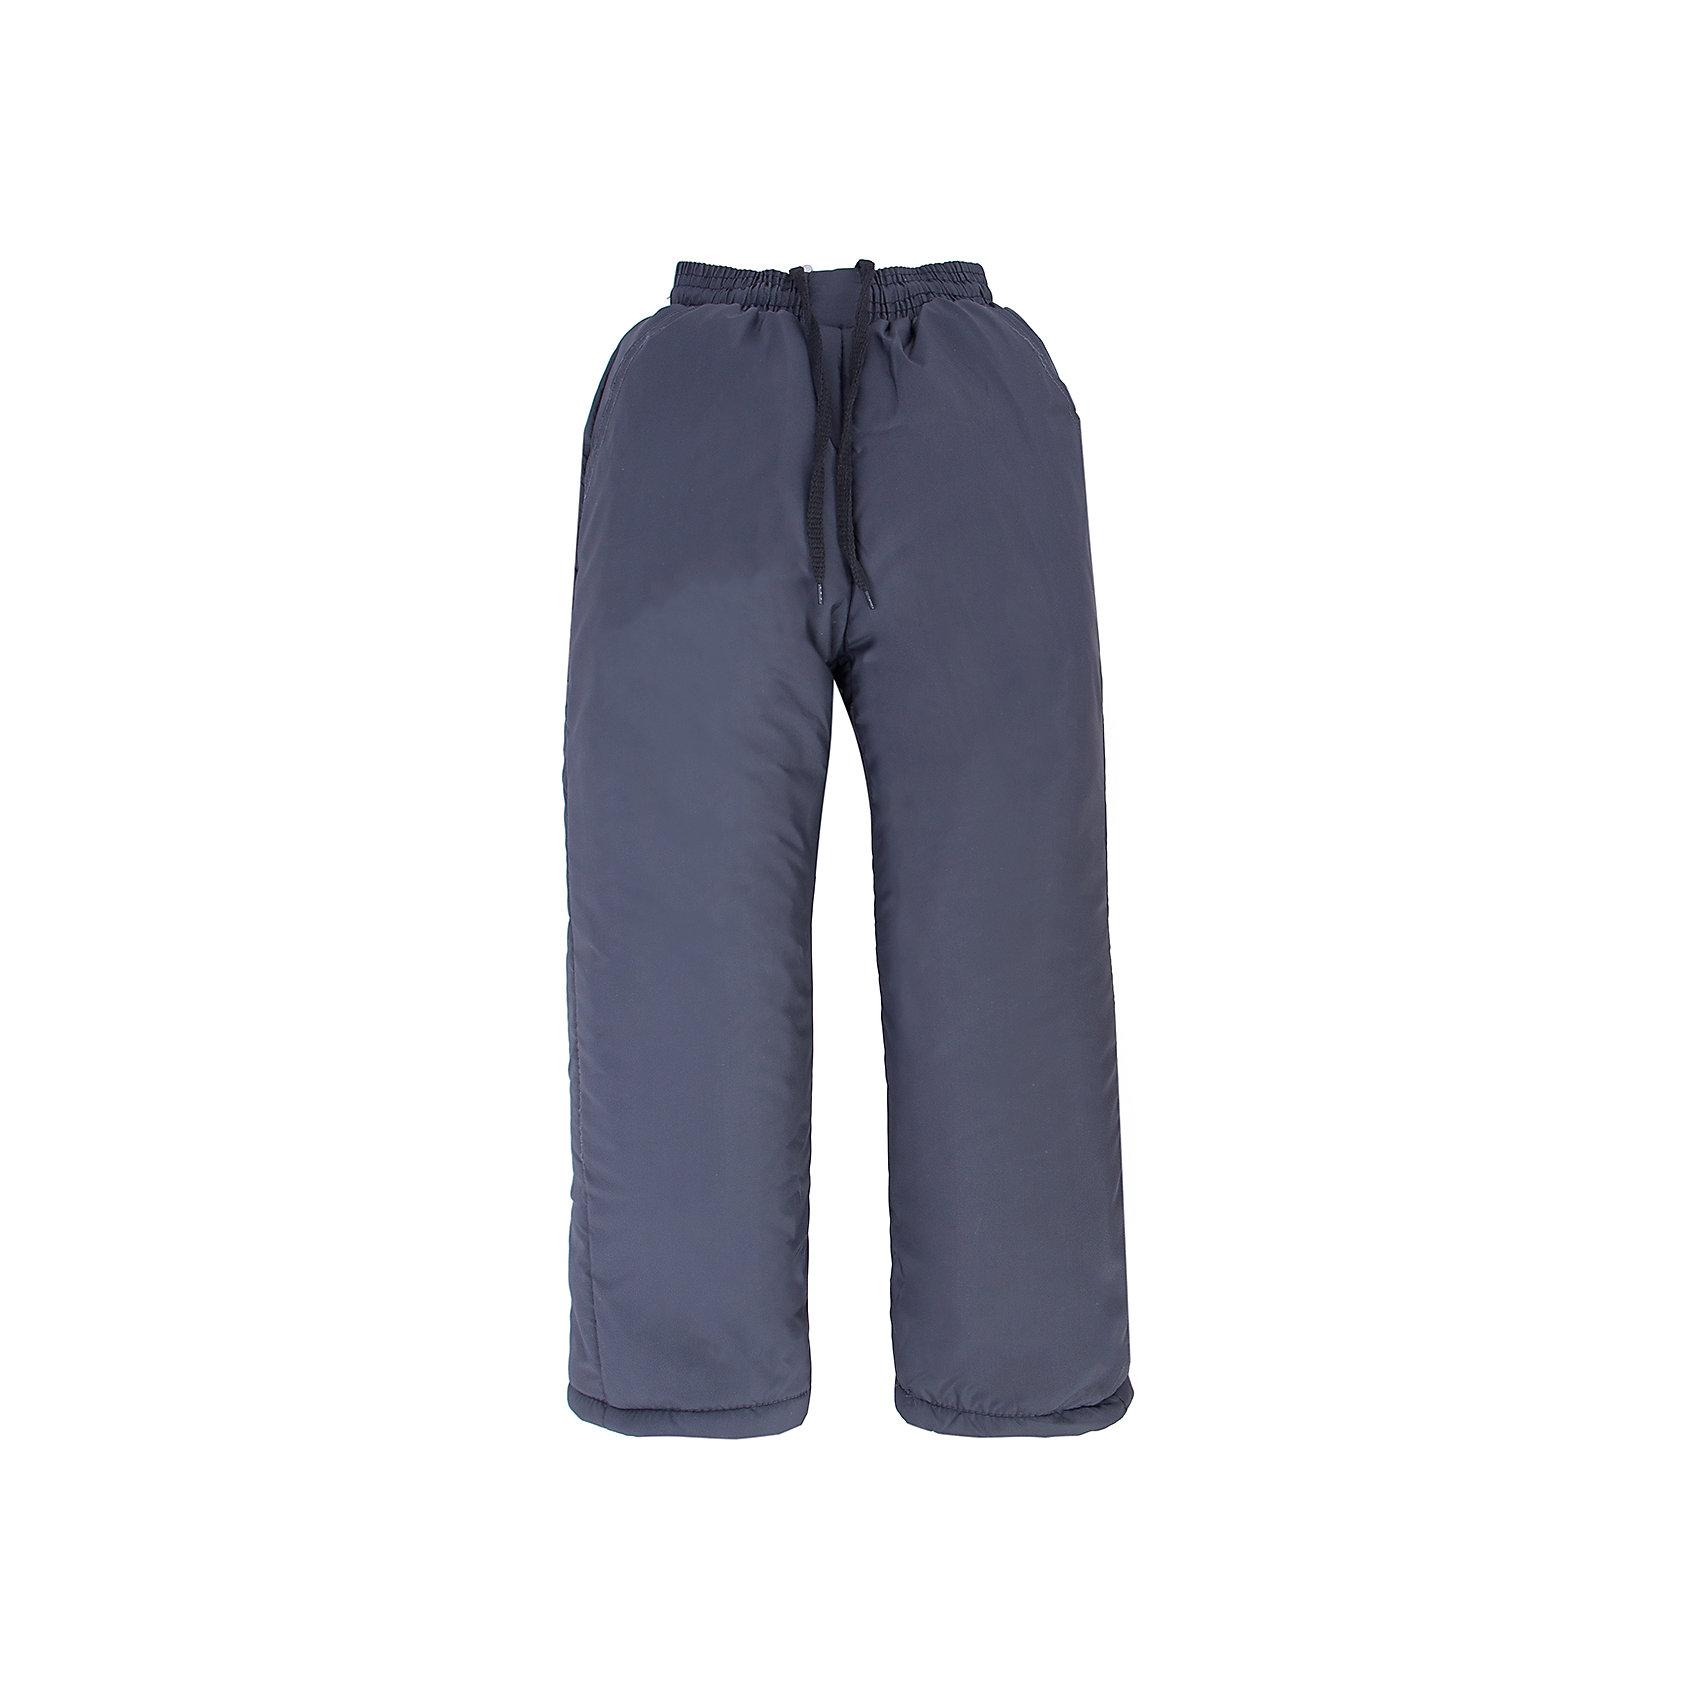 Брюки для мальчика DAUBERВерхняя одежда<br>Брюки для мальчика Dauber<br>Брюки для мальчика, на синтепоне. Высококачественный синтетический наполнитель 200гр/м?, который прекрасно сохраняет форму и восстанавливает её после любой деформации, влагоустойчив. Температурный режим: от +10 до-20 градусов. Брюки обеспечат тепло и уют, защитив ребёнка от холода и промокания. Грязеотталкивающие и за ними легко ухаживать. Изготовлены из быстросохнущего материала. <br>Состав: 100% полиэстер<br><br>Ширина мм: 215<br>Глубина мм: 88<br>Высота мм: 191<br>Вес г: 336<br>Цвет: серый<br>Возраст от месяцев: 24<br>Возраст до месяцев: 36<br>Пол: Мужской<br>Возраст: Детский<br>Размер: 98,116,104,110<br>SKU: 4862291